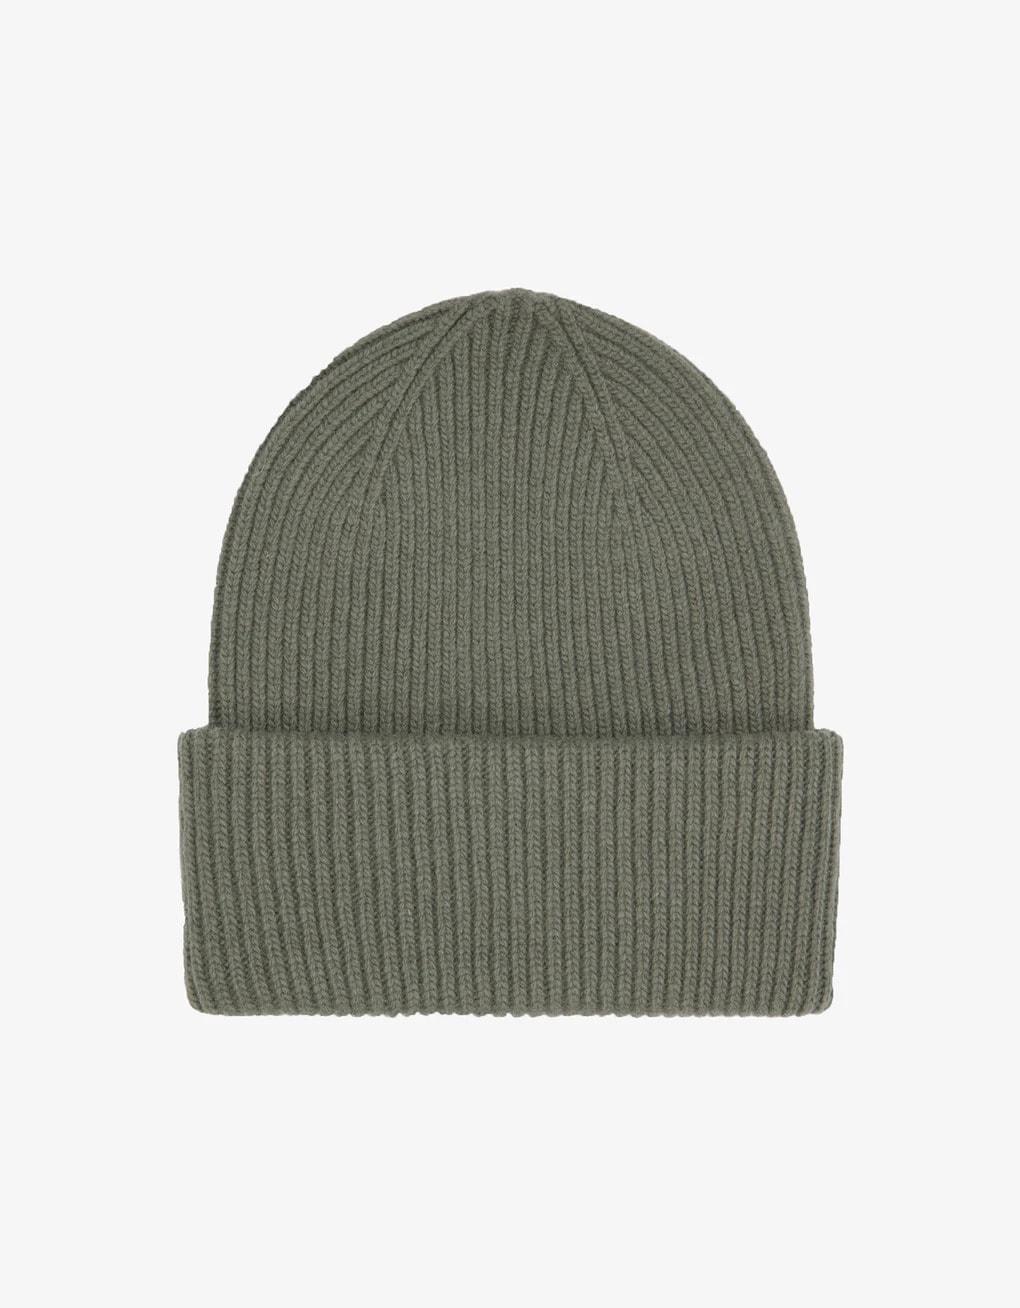 Merino wool hat – dusty olive